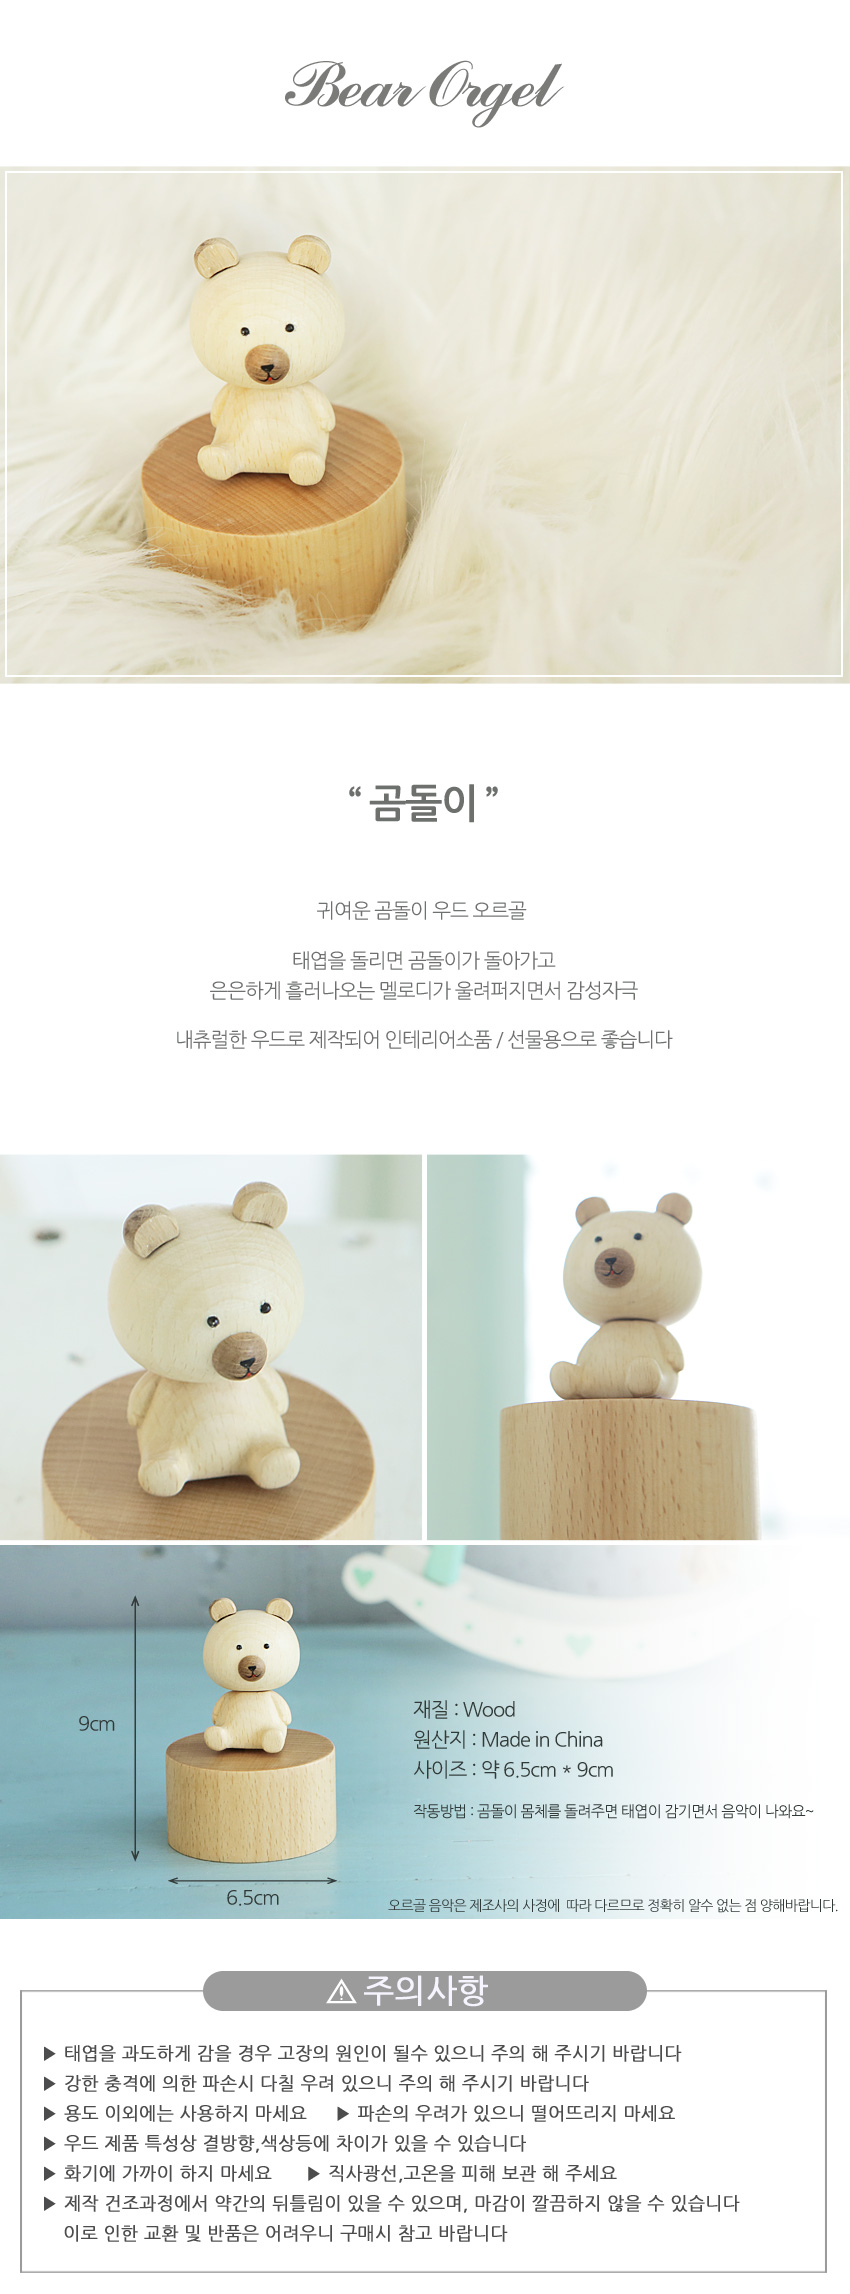 곰돌이 오르골 뮤직박스 인테리어소품 장난감 orgel - 알사탕닷컴, 21,300원, 조화, 카네이션(조화)